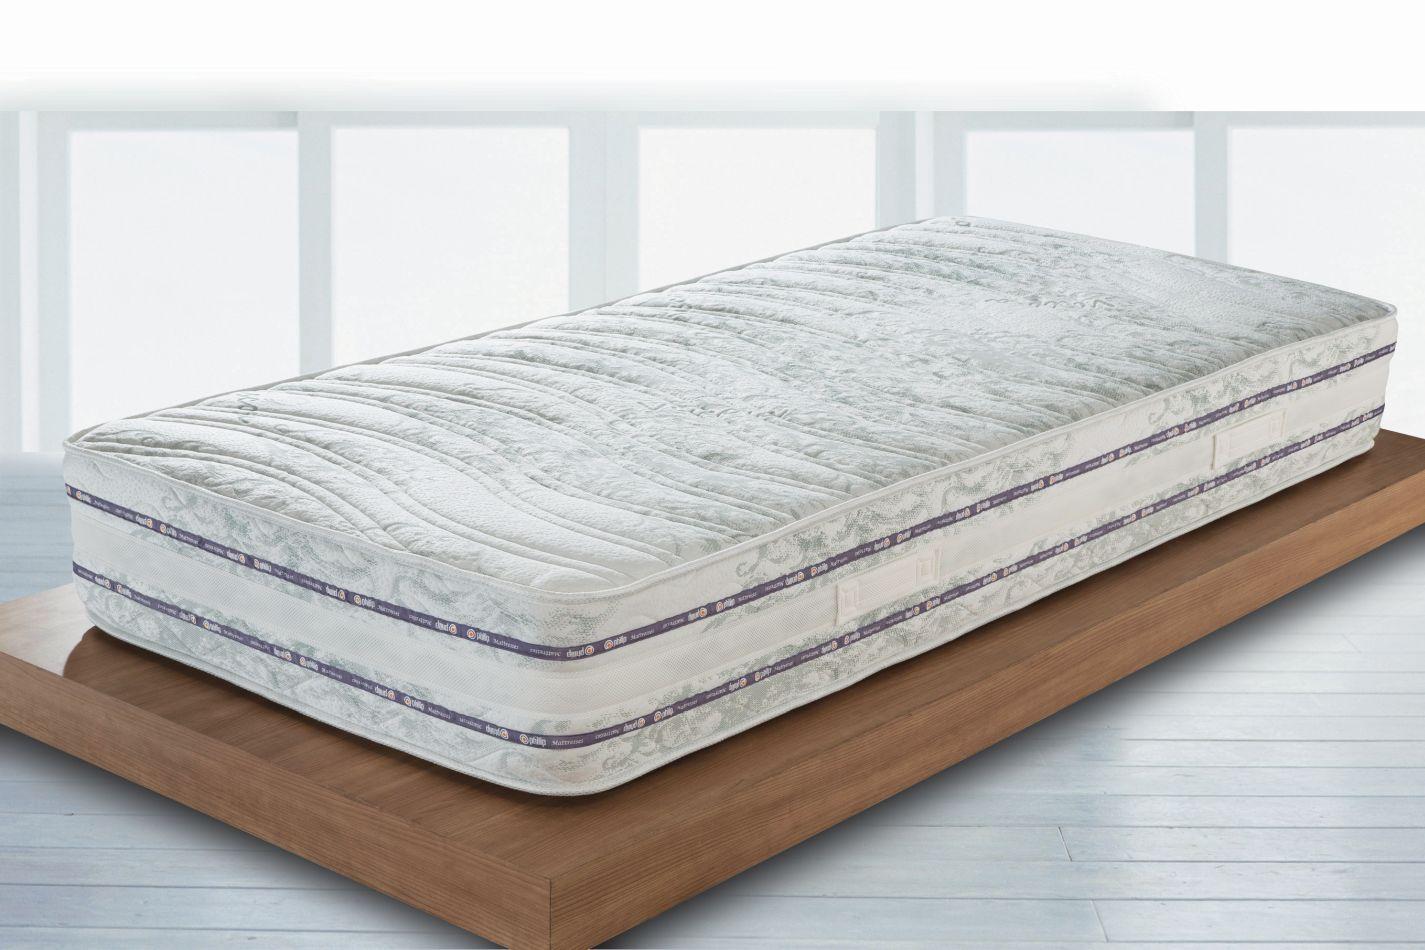 Matratze Balance mit Taschen Federkern - Abmessungen: 120 x 190 cm